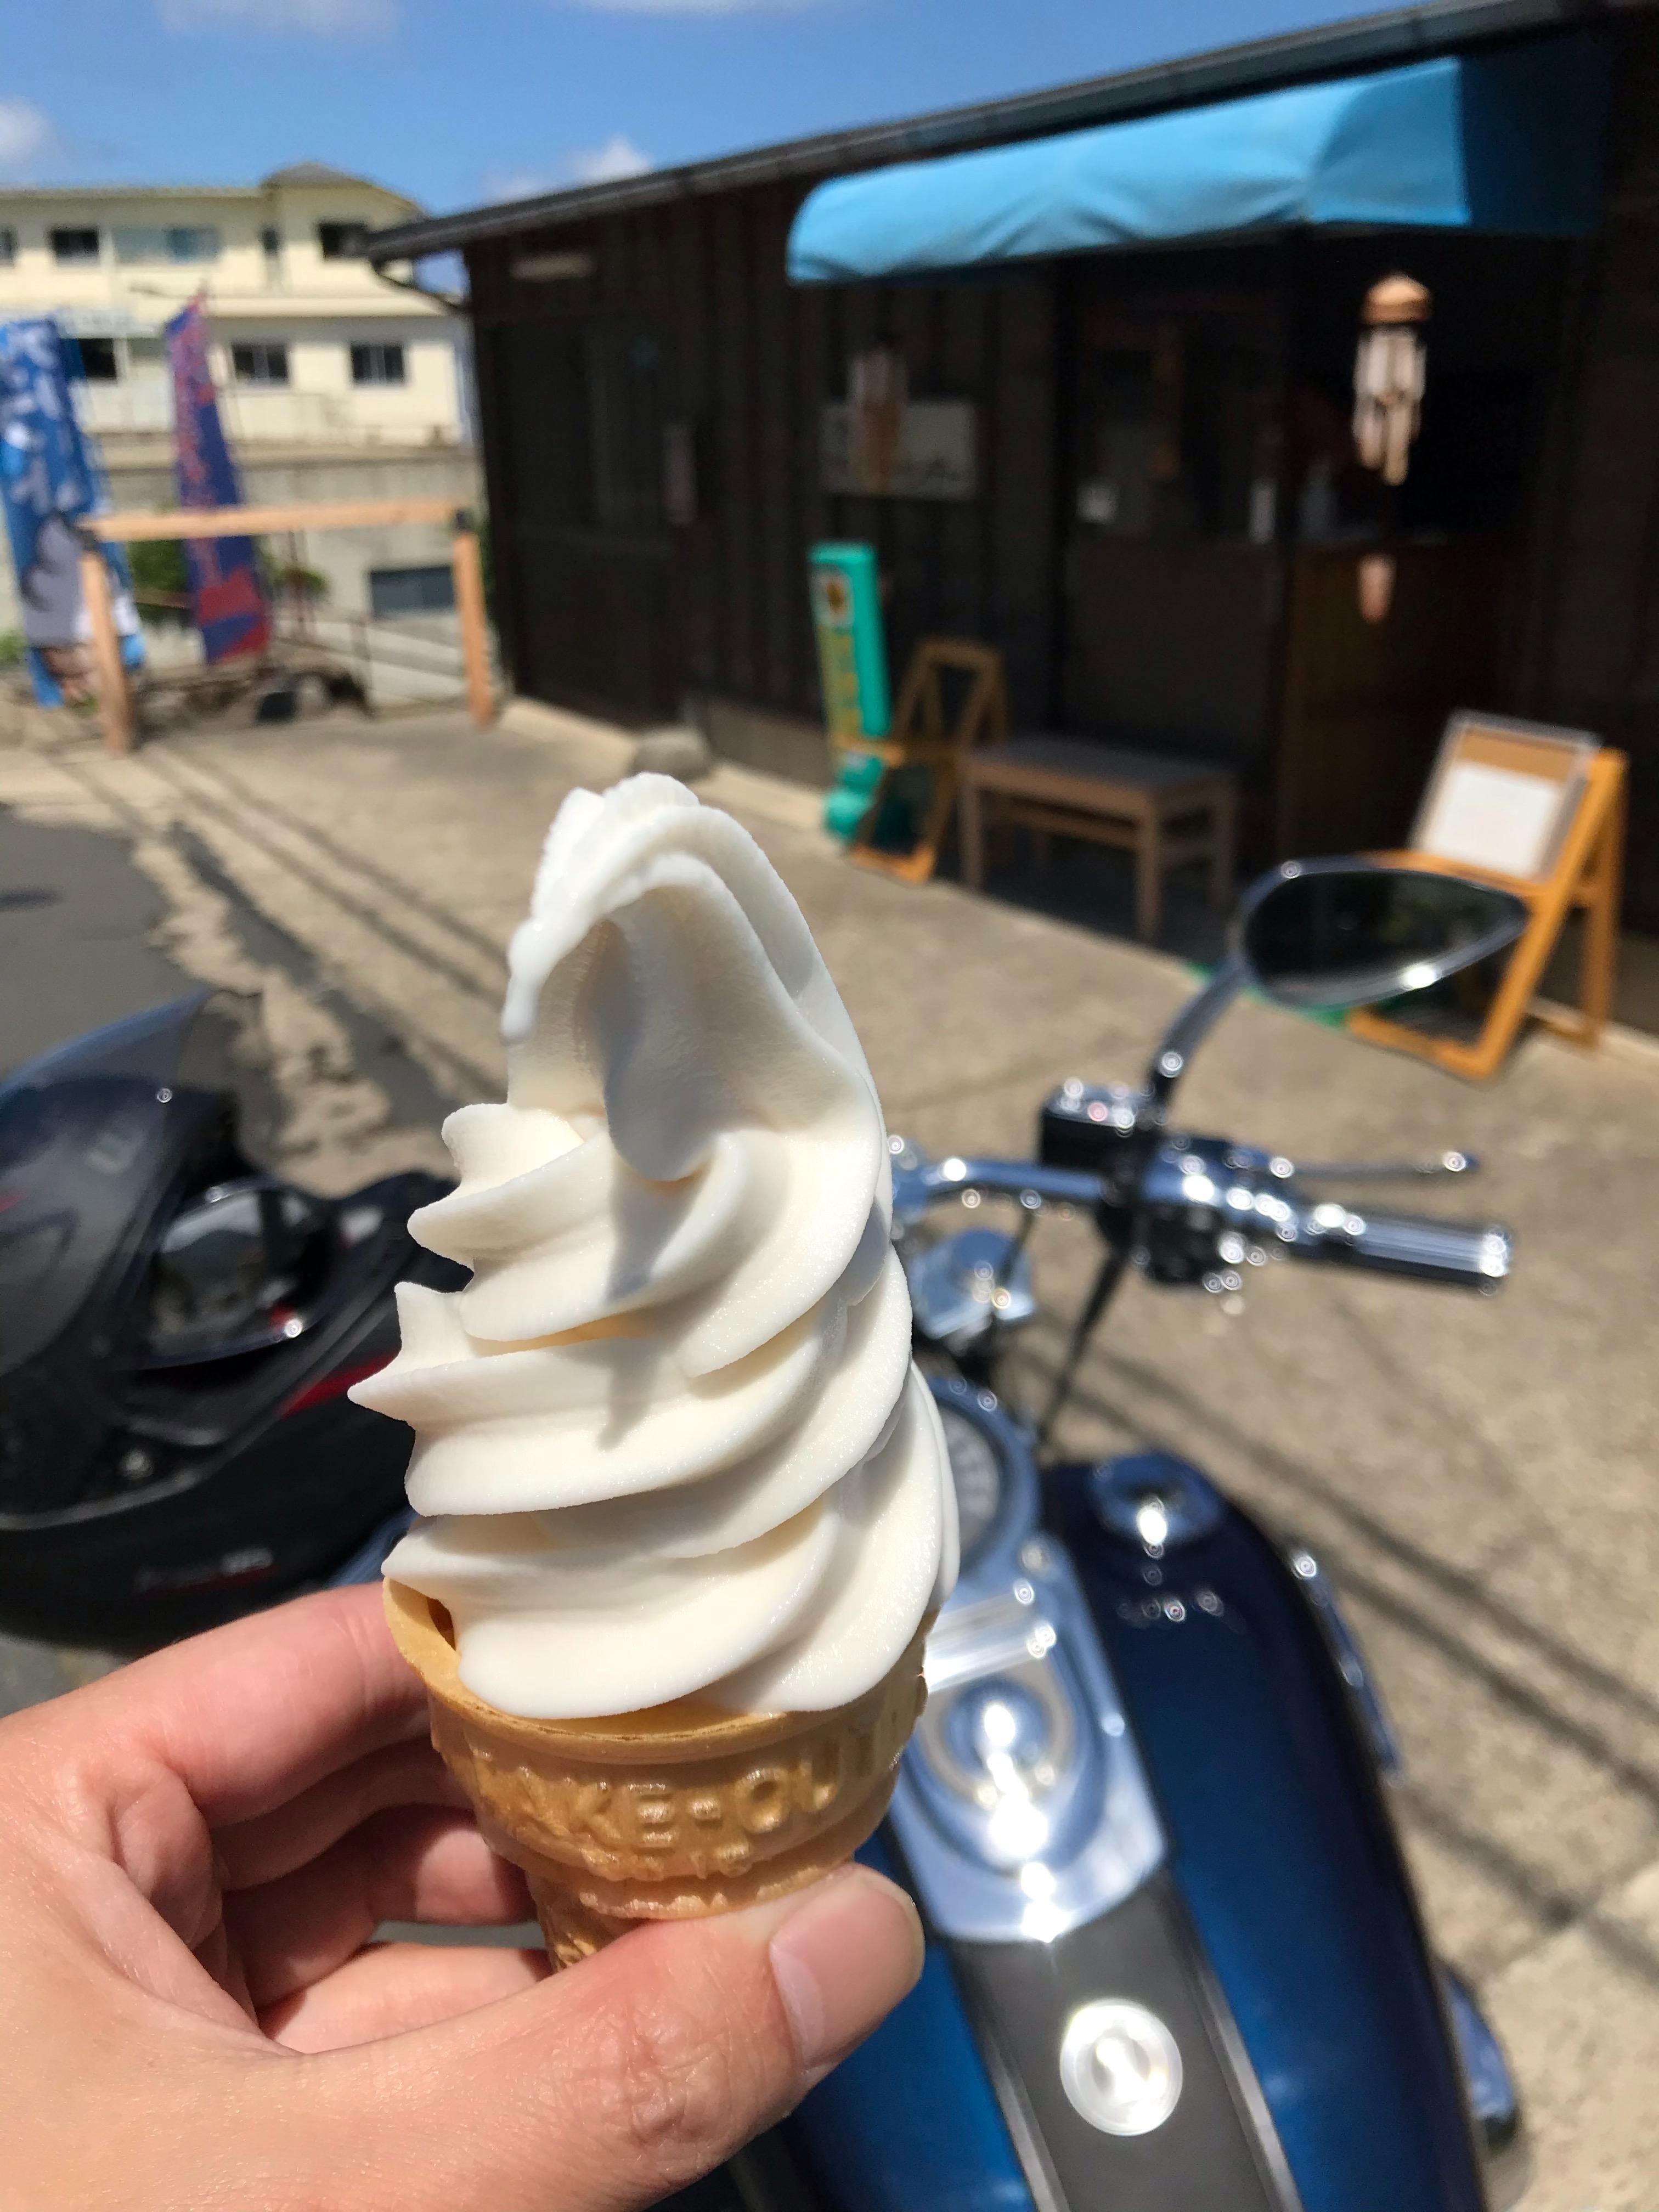 ぴーきち&ダイナ ハーレーブログ 京都丹後半島ツーリンング たいざアイスキャンデー ソフトクリーム